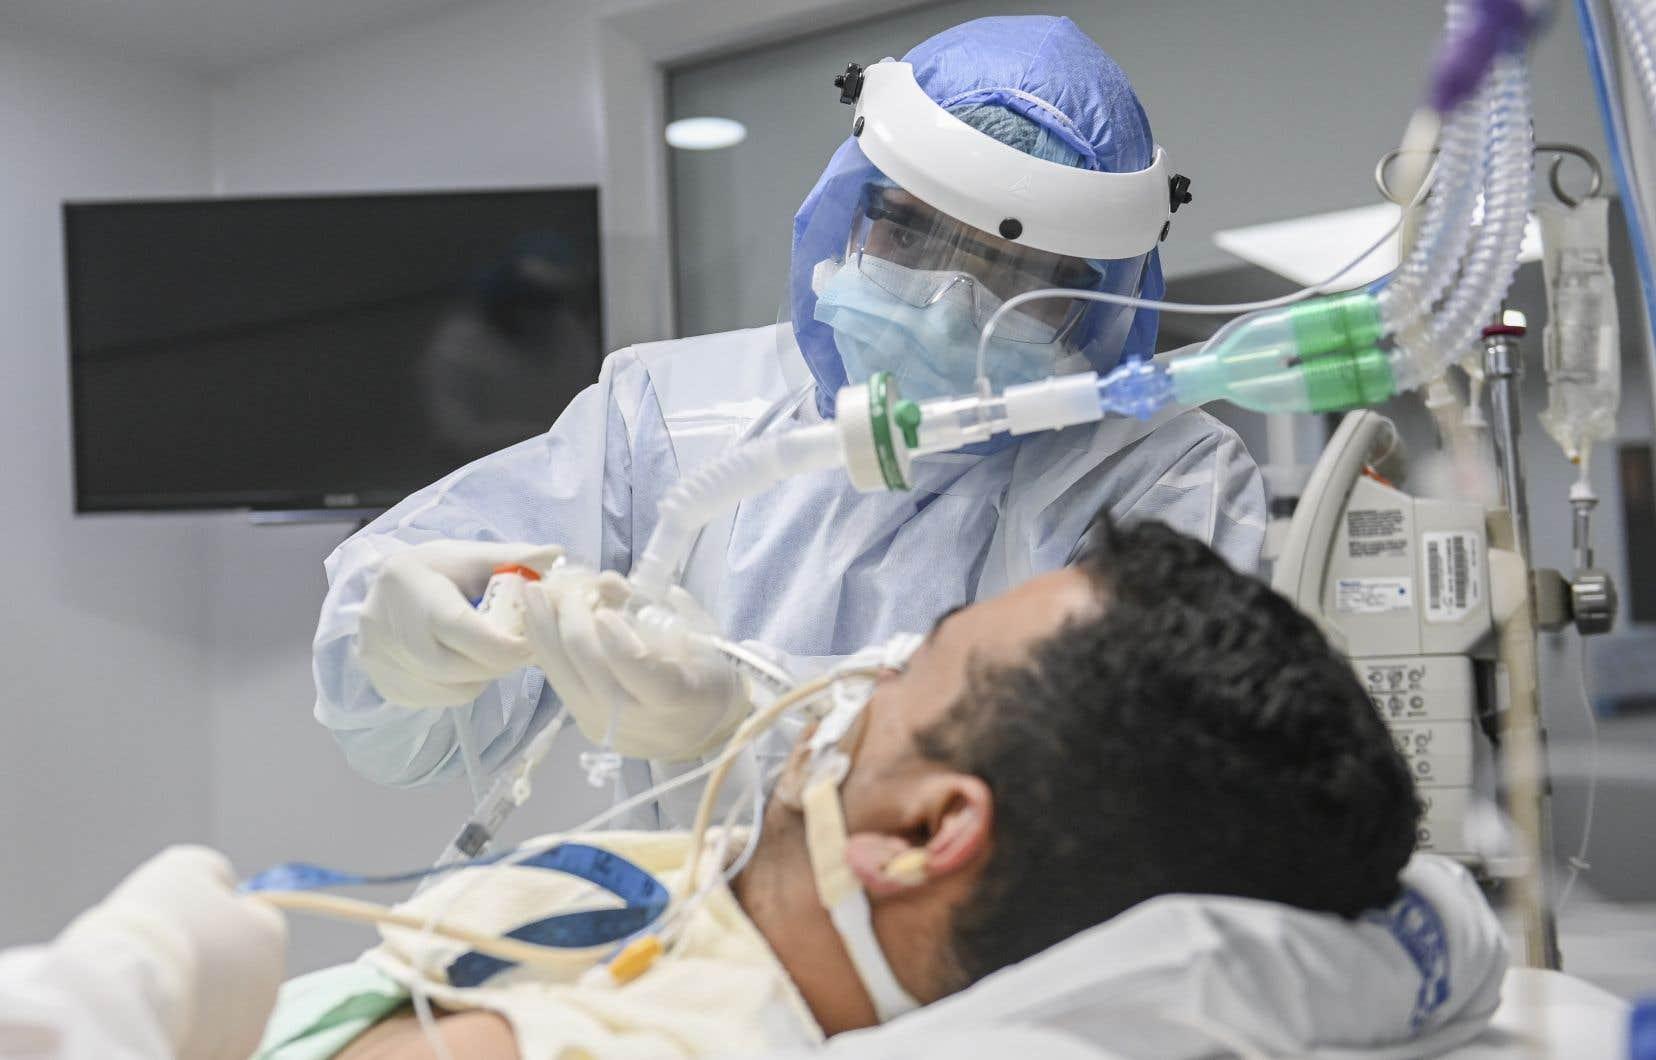 La pandémie de COVID-19 a mis en évidence l'importance des inhalothérapeutes et selon le président de l'OPIQ, si une décision n'est pas prise rapidement quant au rehaussement de la formation, «c'est le public qui risque d'en souffrir».